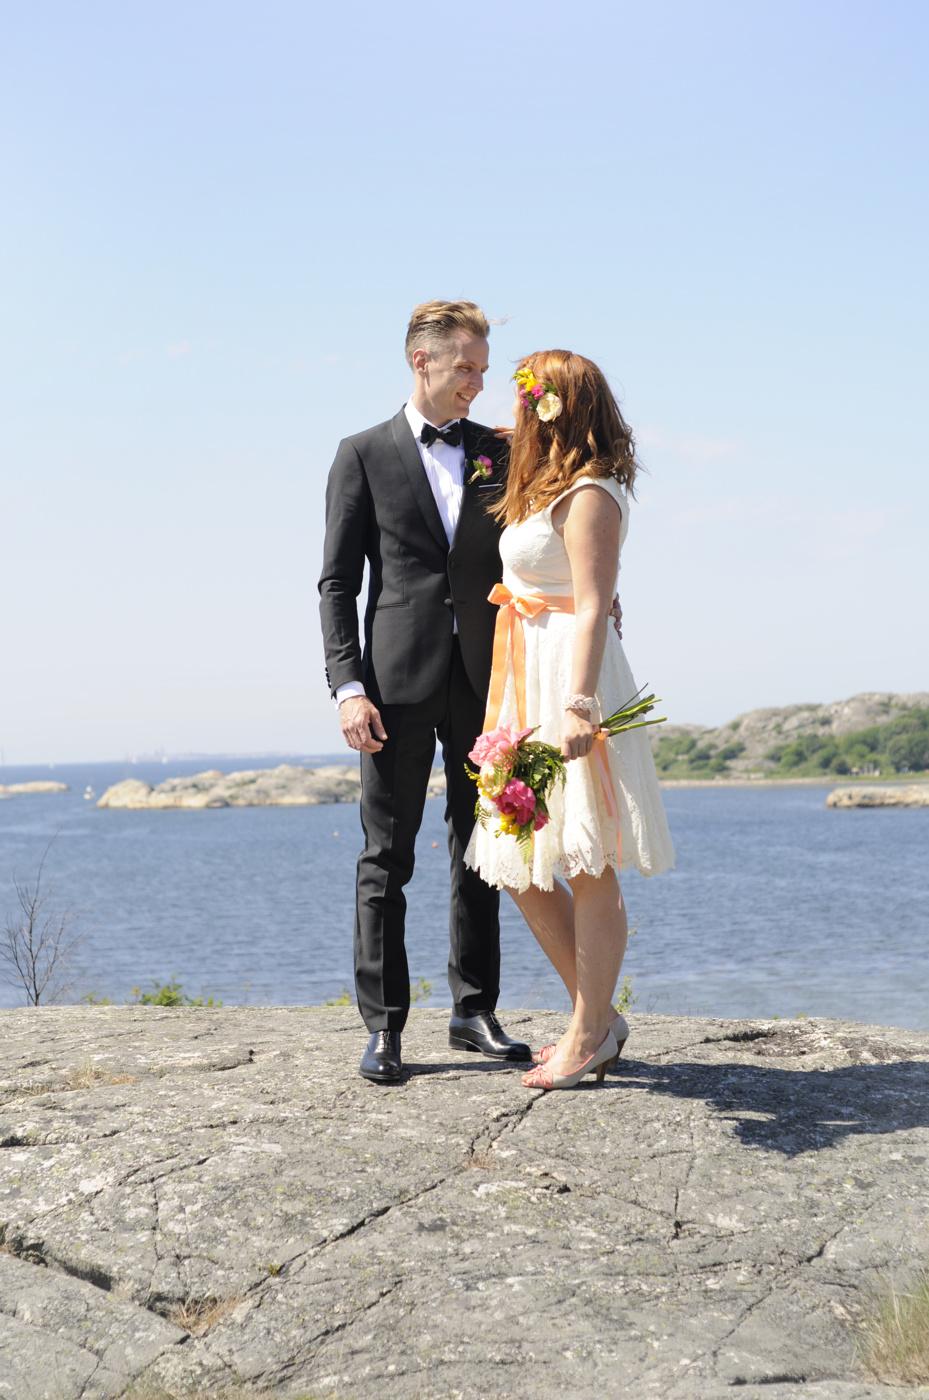 ba69916635cc 2016-07 - Så gjorde vi | EcoBride - Inspiration för ekologiska bröllop